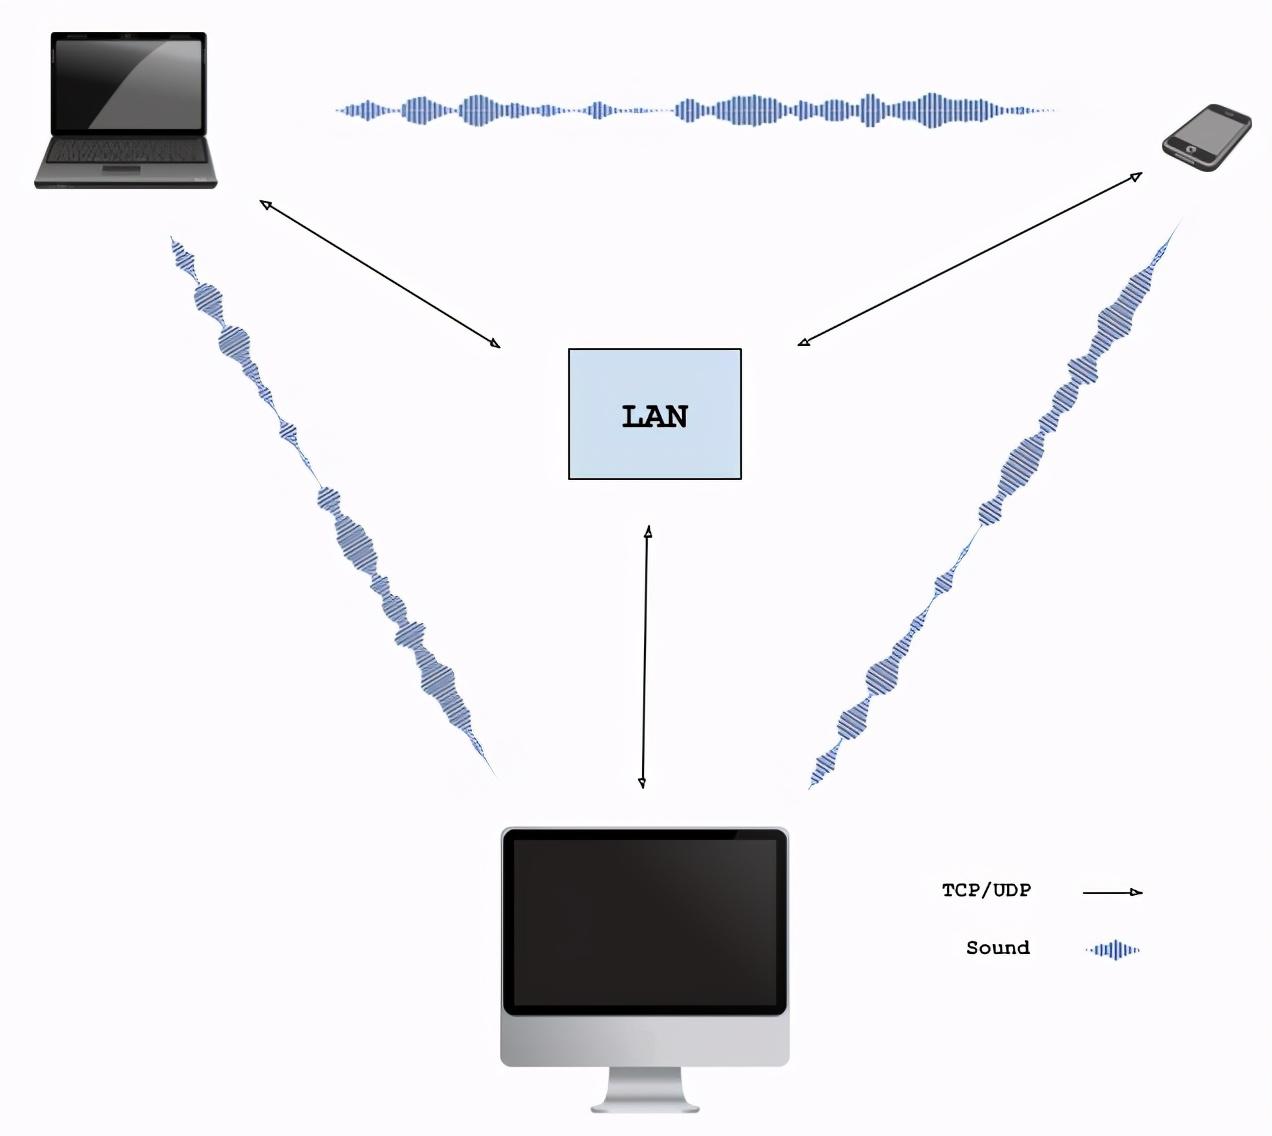 无服务器,点对点,通过声音共享本地文件